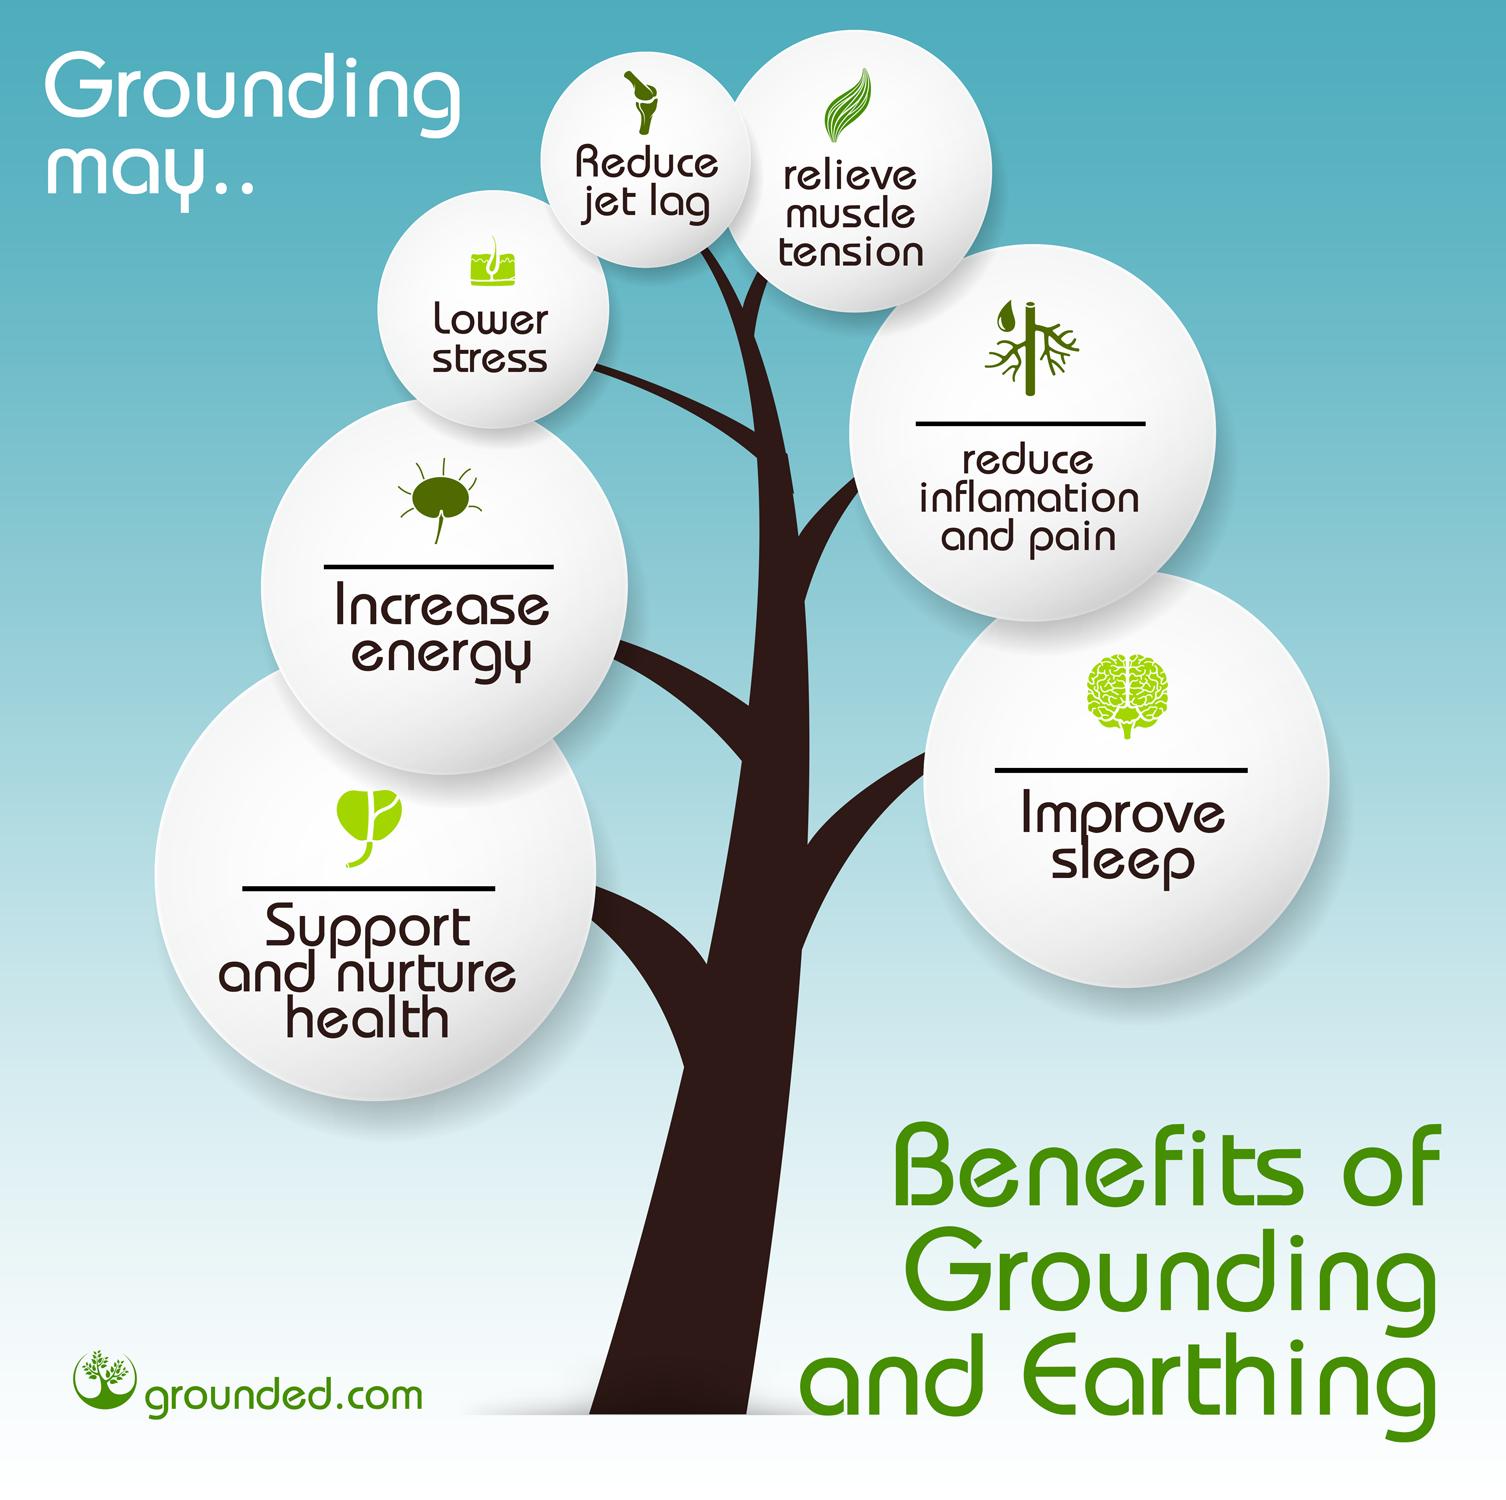 Benefits of Grounding and Earthing